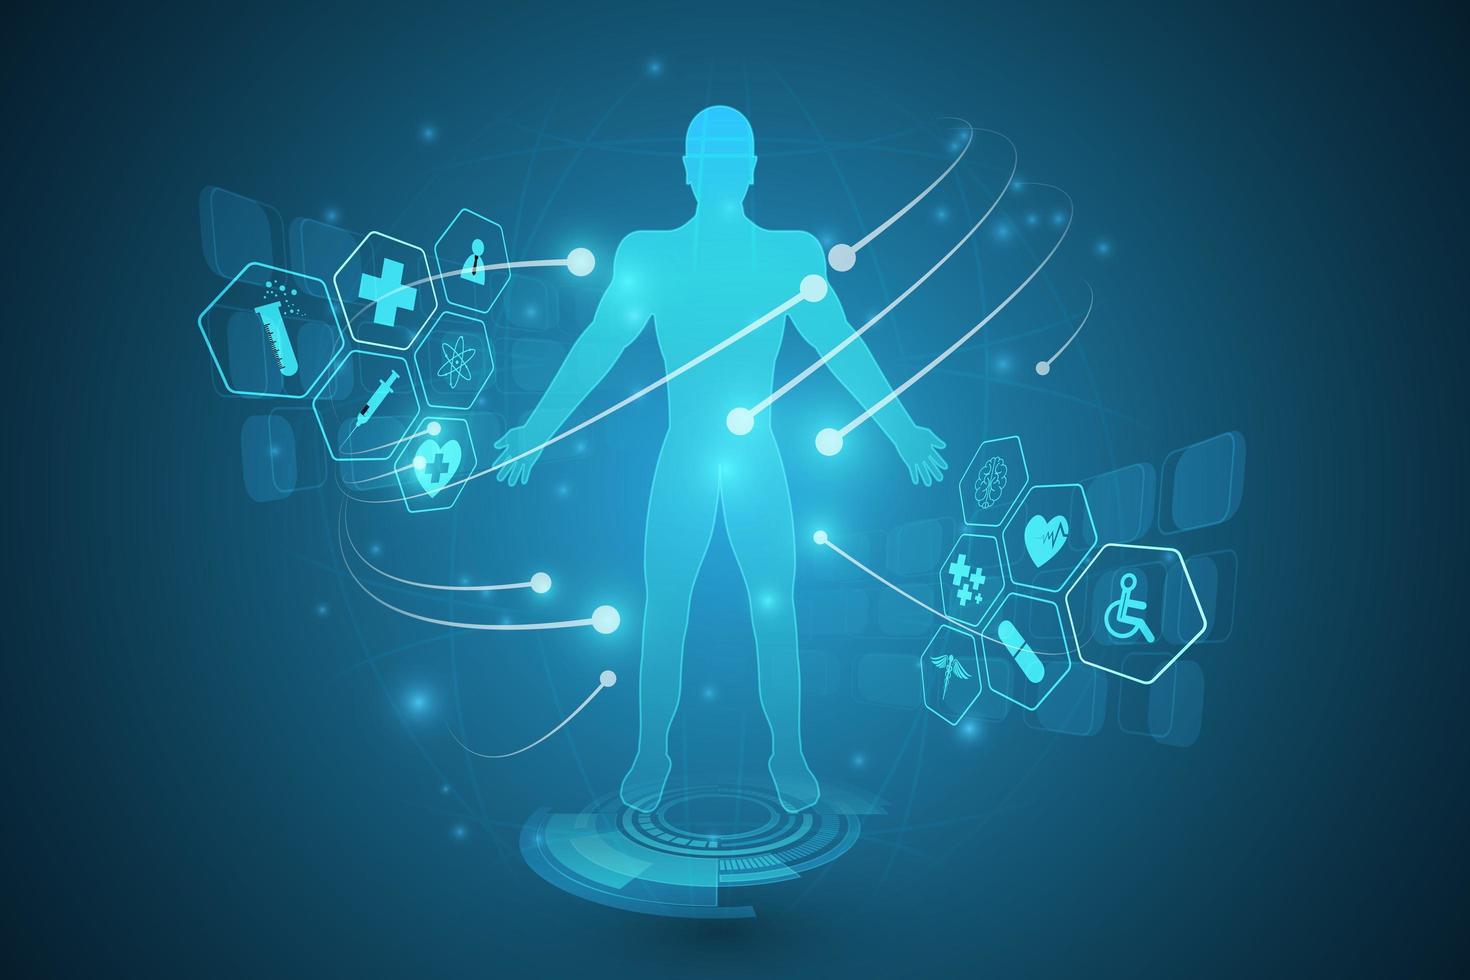 Diagramm des menschlichen Körpers auf High-Tech-Wissenschaftshintergrund vektor